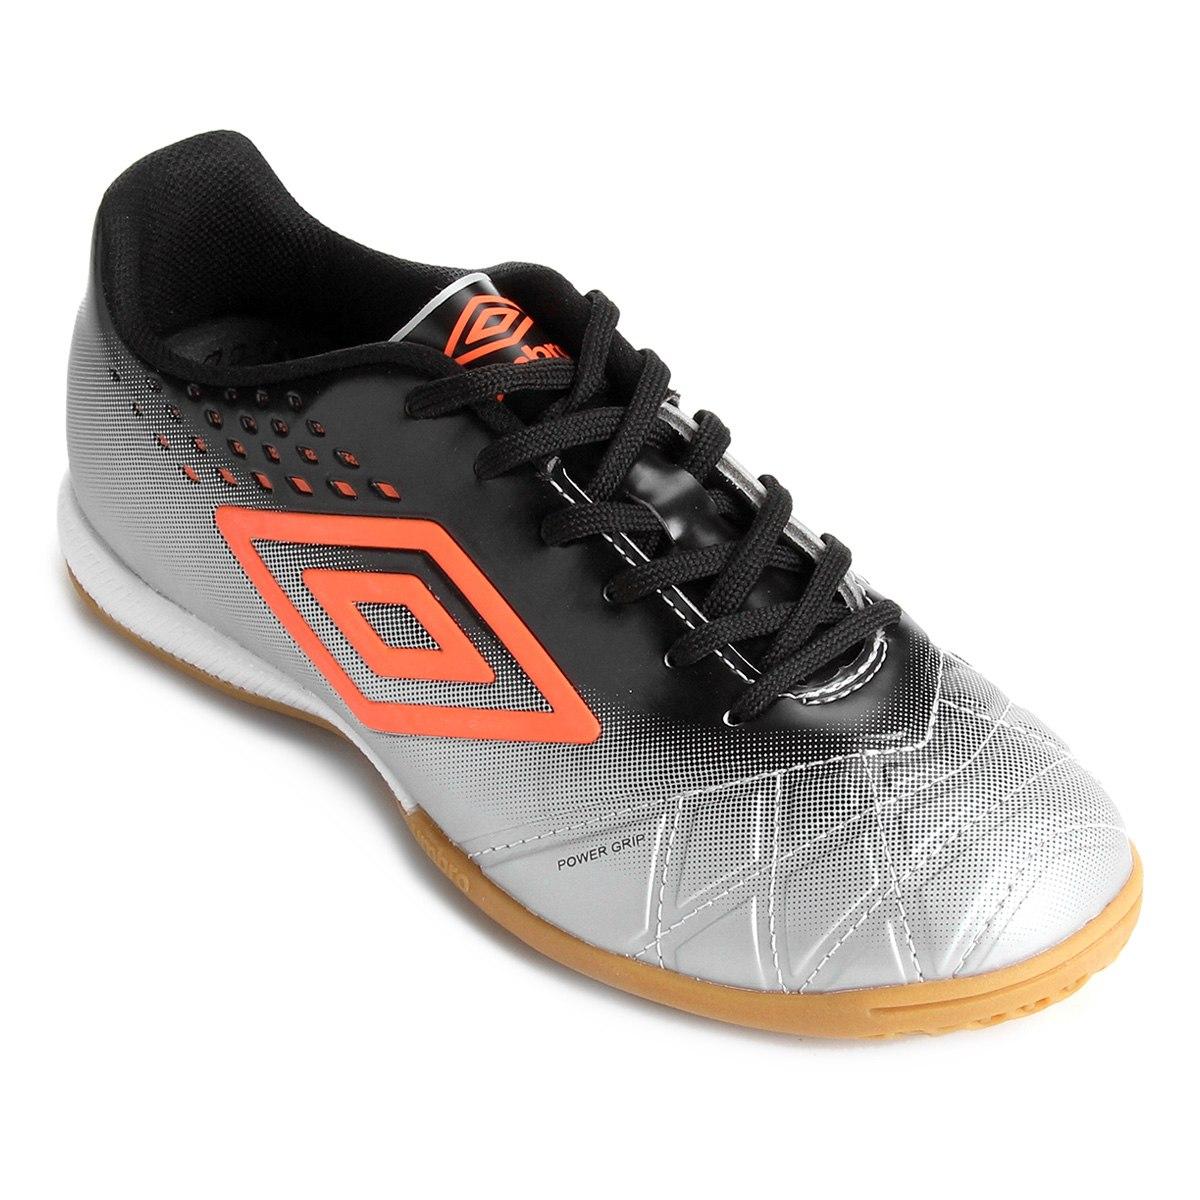 Chuteira Futsal Umbro Fifty Pro Masculino - Cinza/Preto